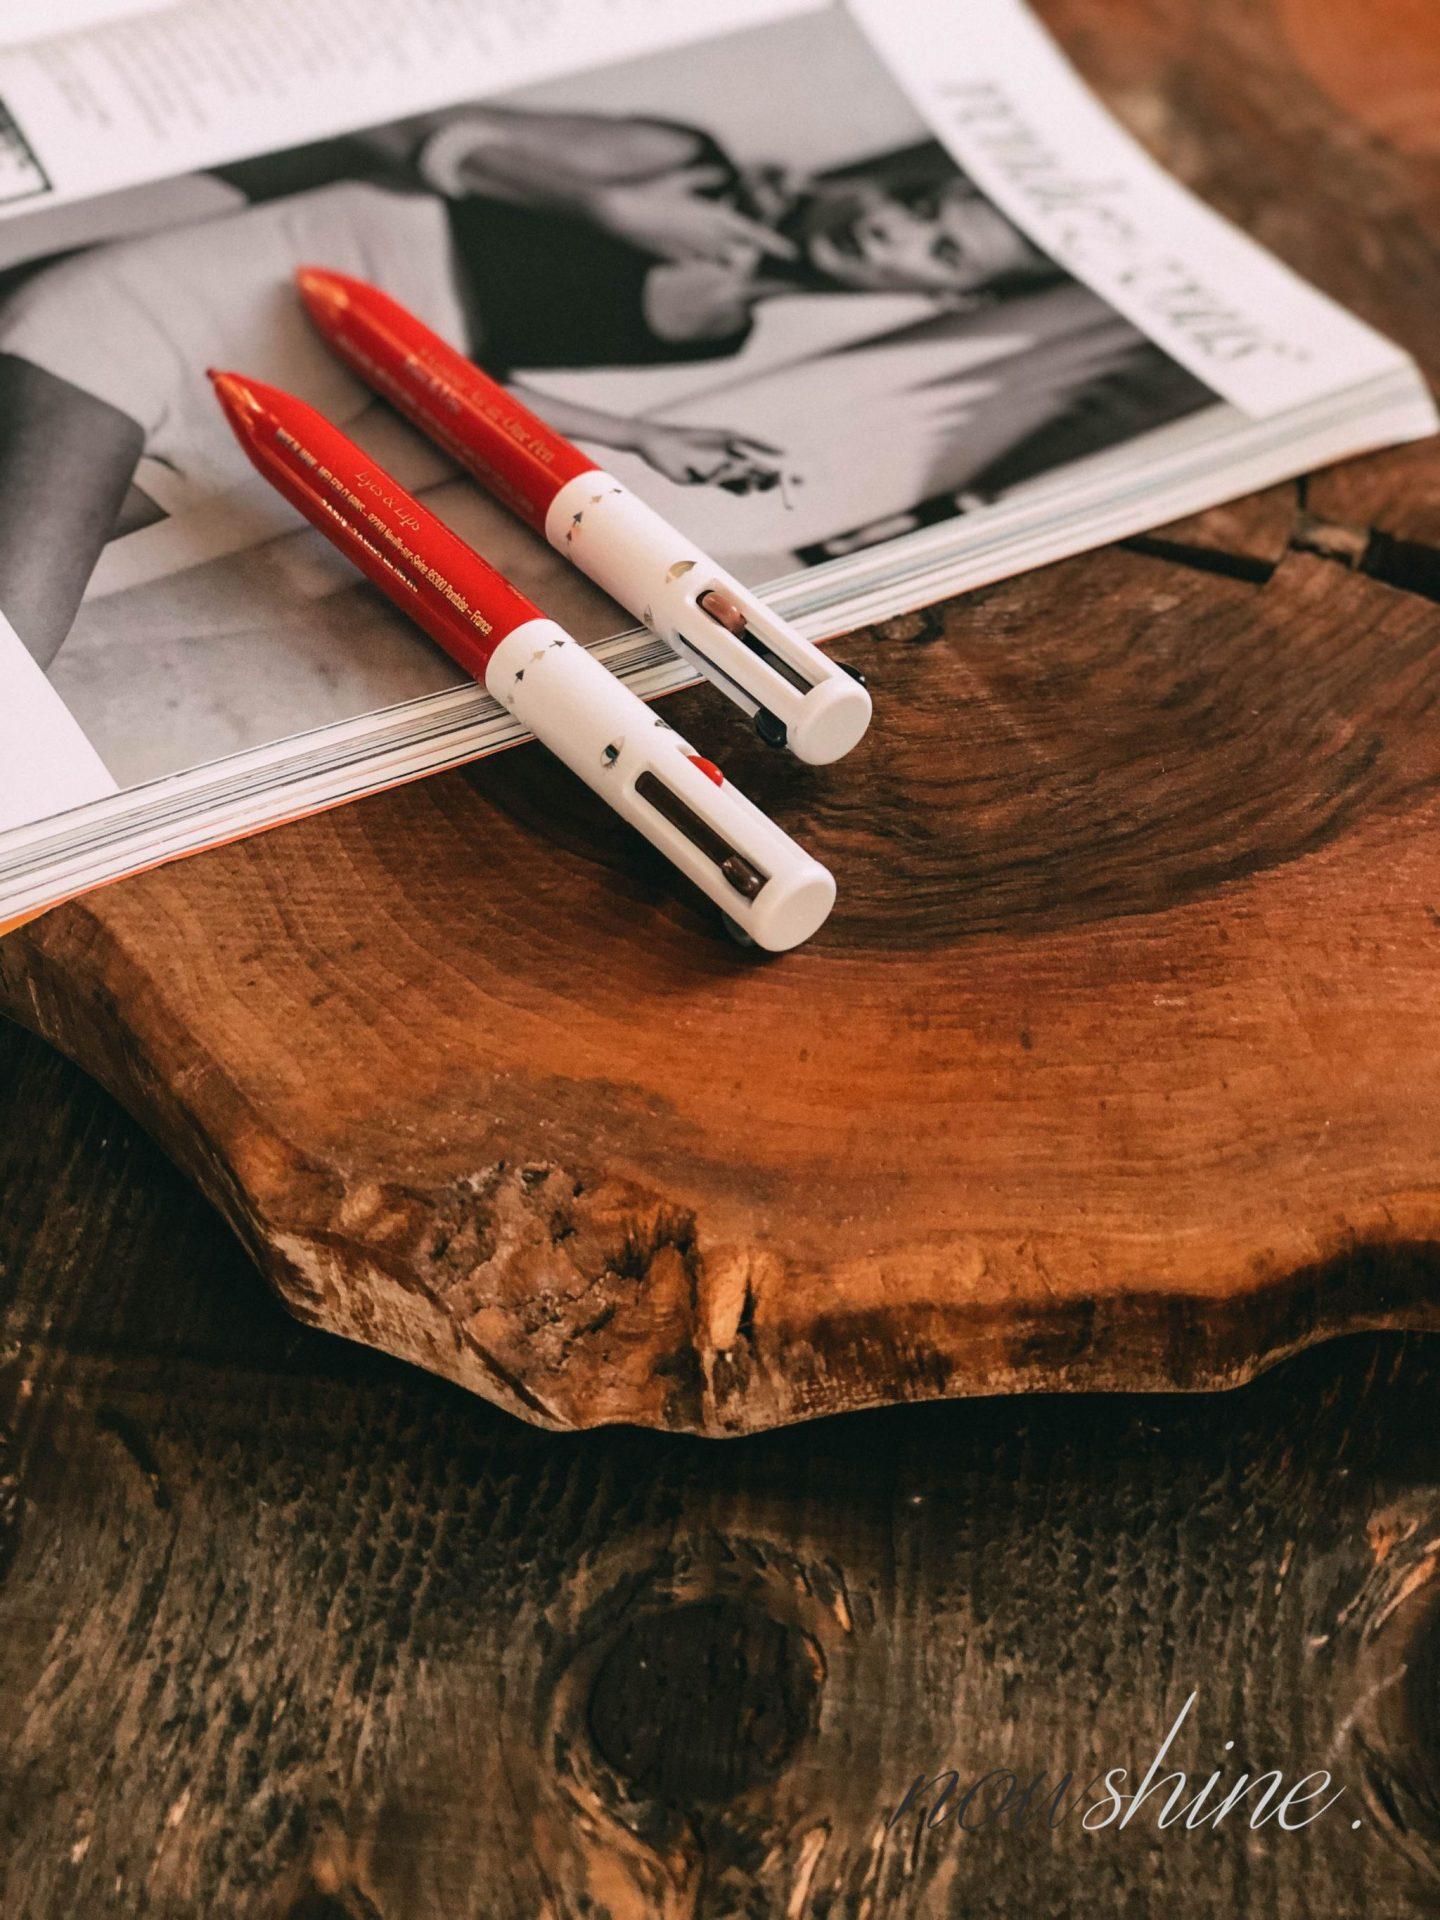 Der Stylo 4 Couleurs von Clarins - Kanal und Lippenumrandungsstift - Nowshine ü 40 Beauty Blog